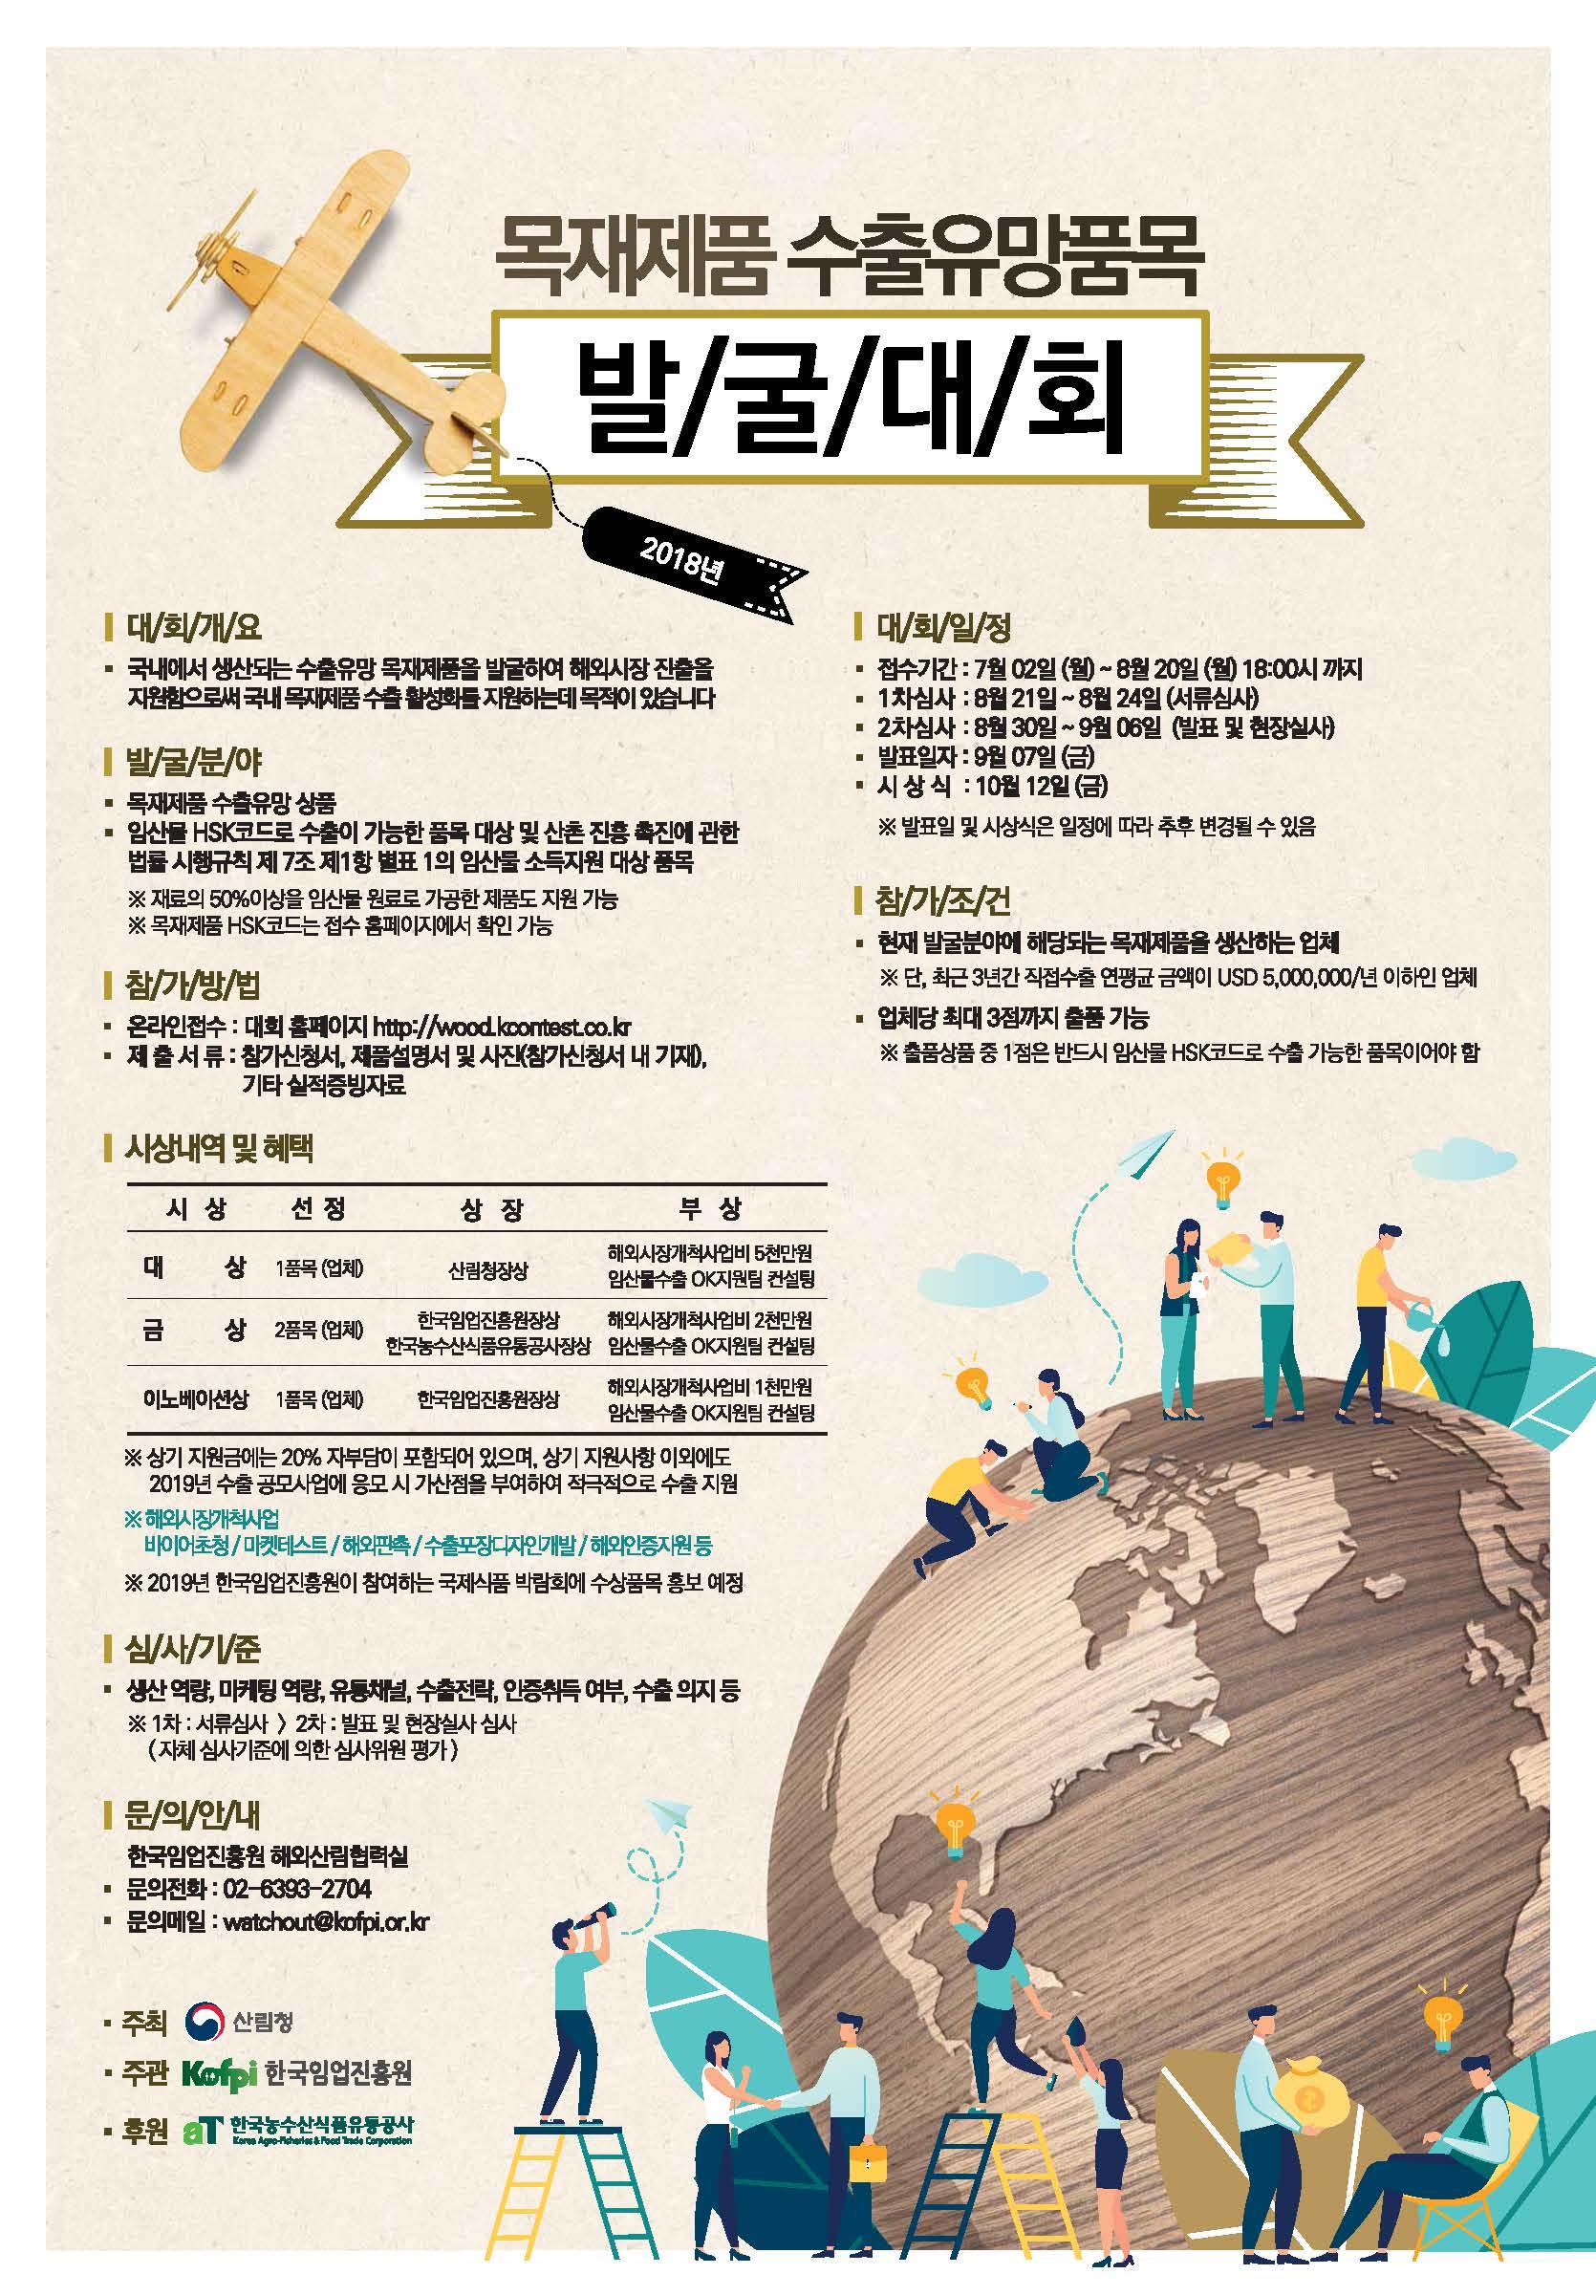 2018년 목재제품 수출유망품목 발굴대회